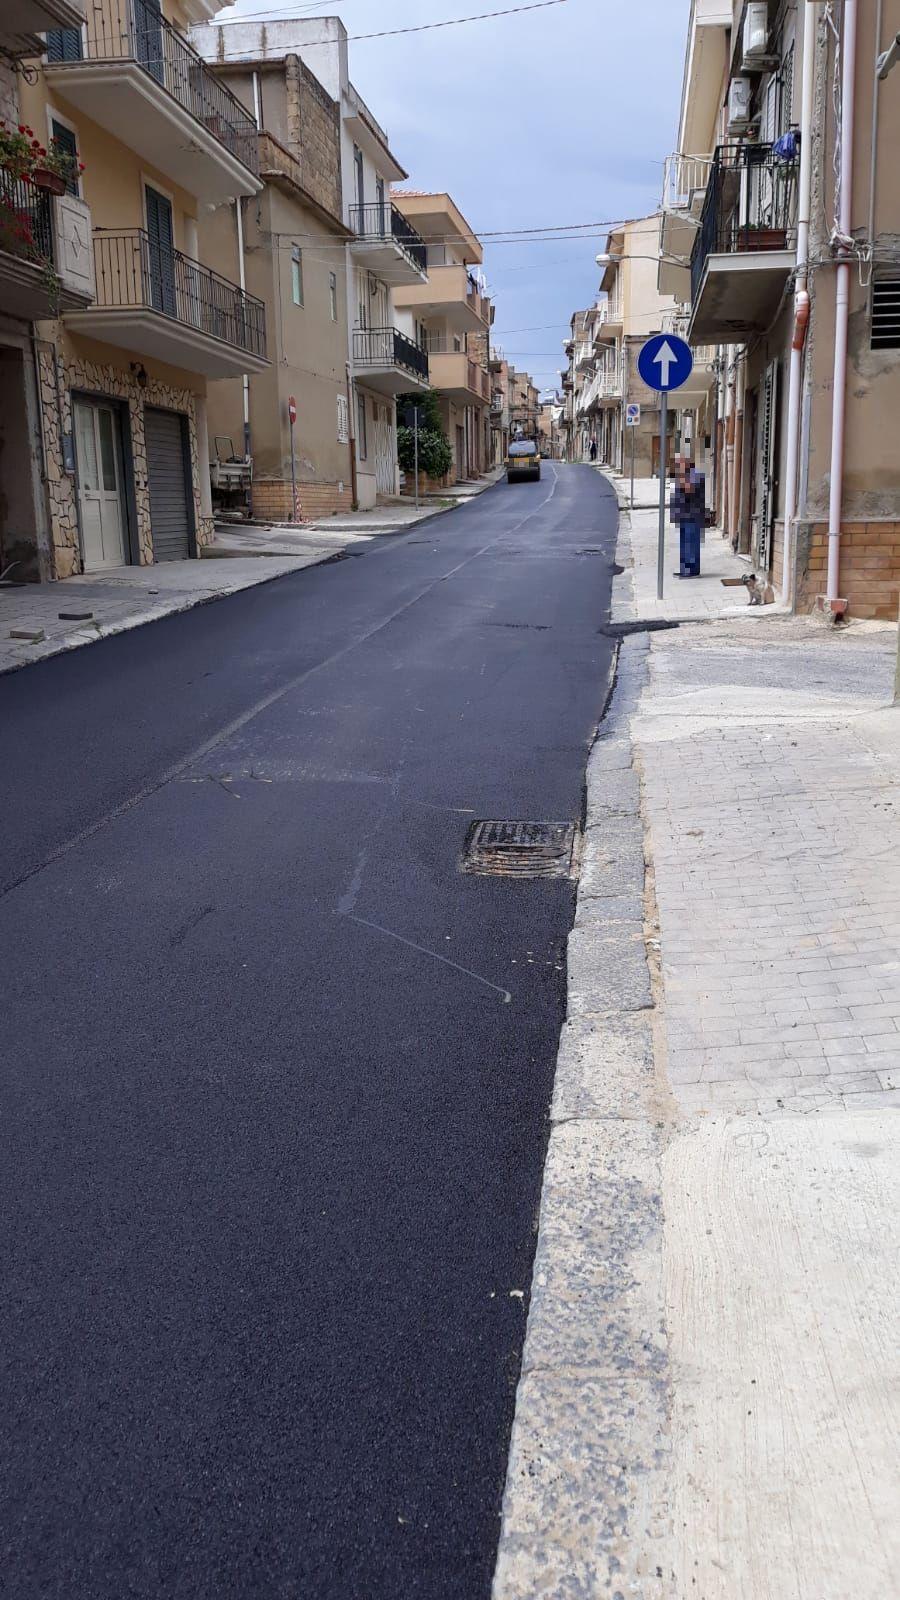 Via Portella